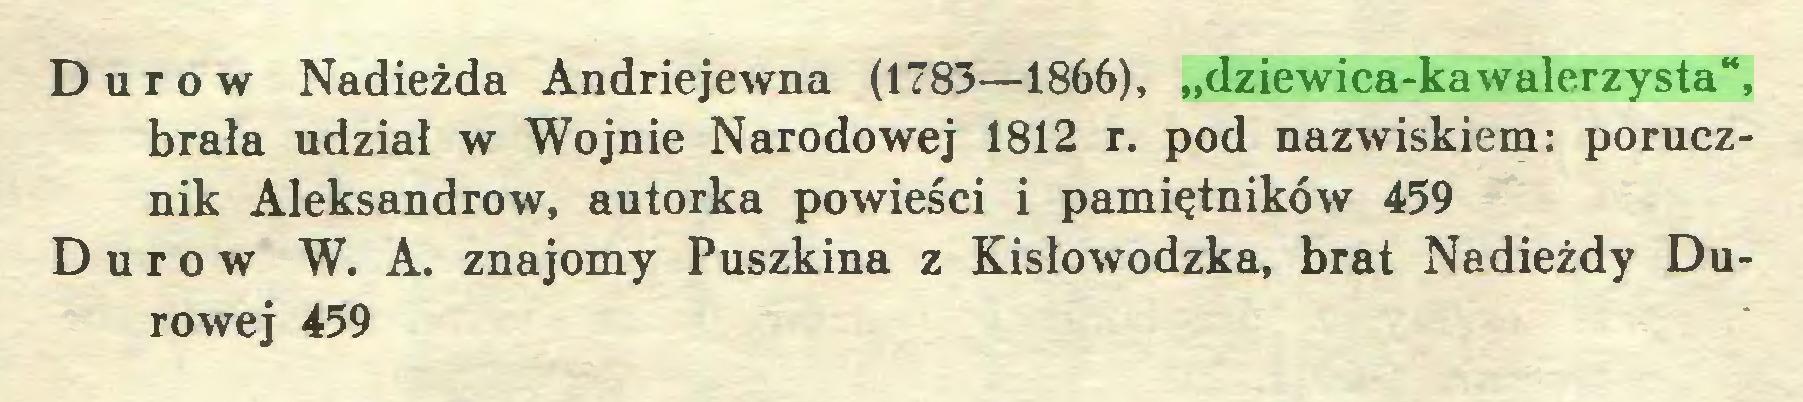 """(...) Durów Nadieżda Andriejewna (1783—1866), """"dziewica-kawalerzysta"""", brała udział w Wojnie Narodowej 1812 r. pod nazwiskiem: porucznik Aleksandrów, autorka powieści i pamiętników 459 Durów W. A. znajomy Puszkina z Kisłowodzka, brat Nadieżdy Durowej 459..."""